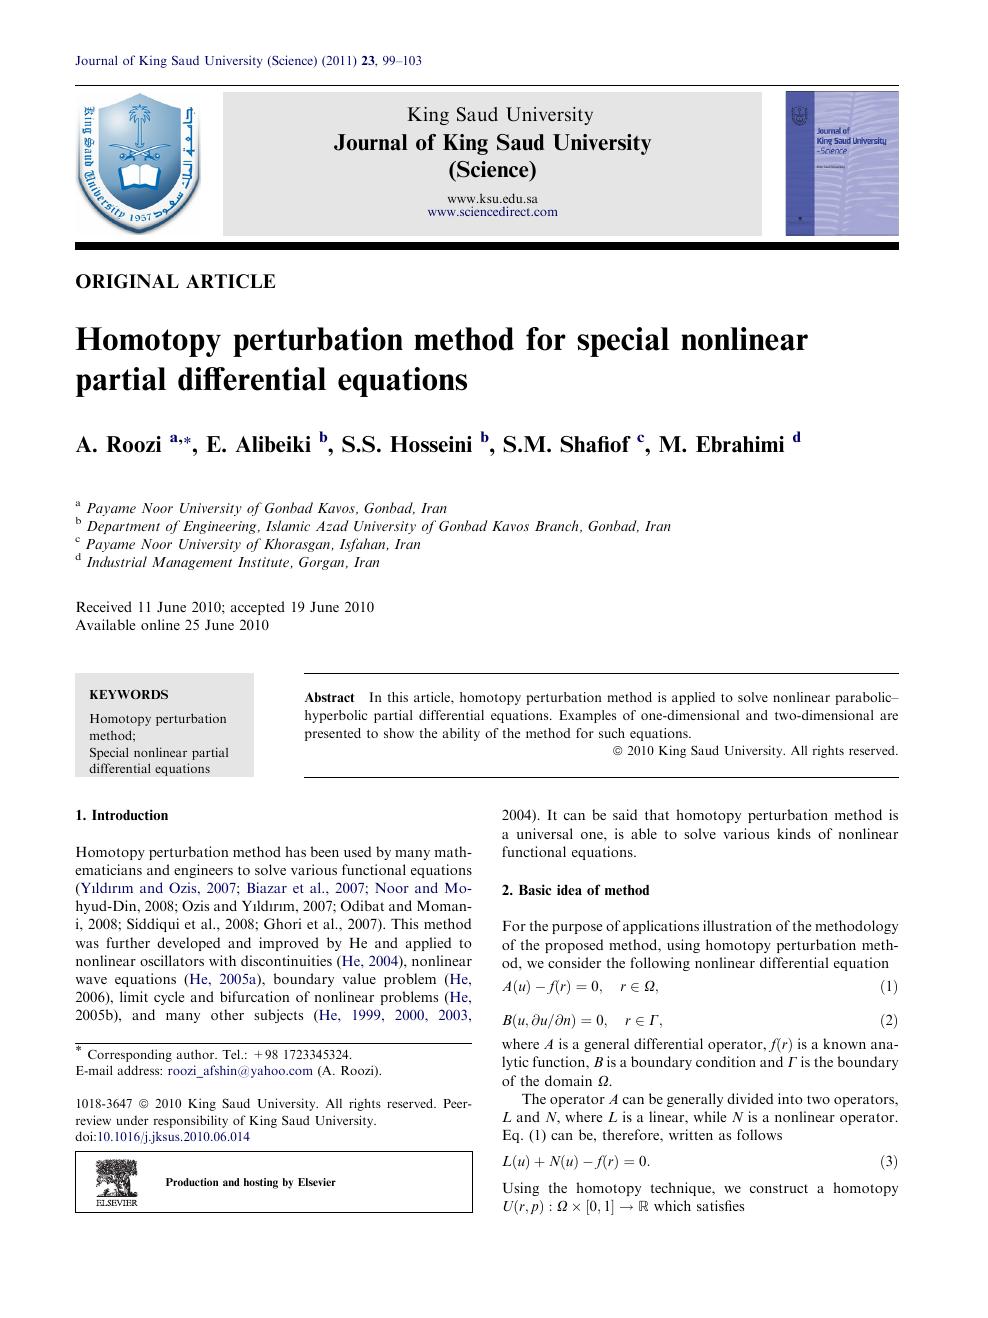 Homotopy perturbation method for special nonlinear partial